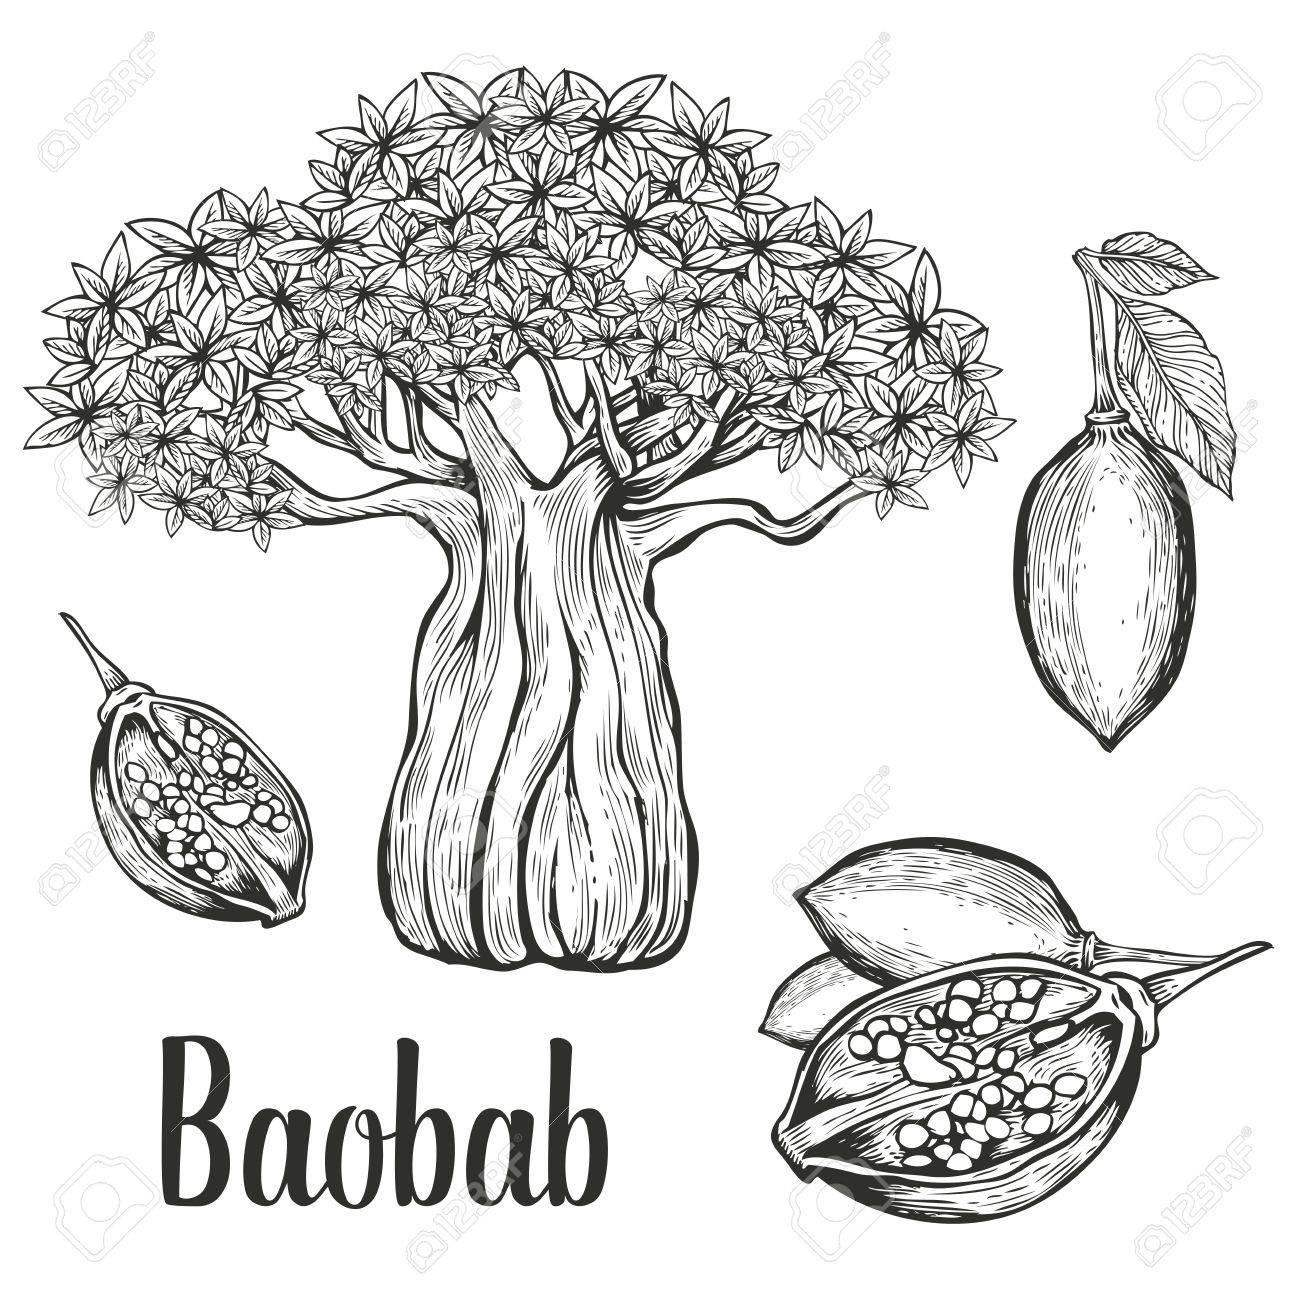 Baobab Fruit Feuille Gravure écrou Vintage Set Illustration Noir Sur Fond Blanc